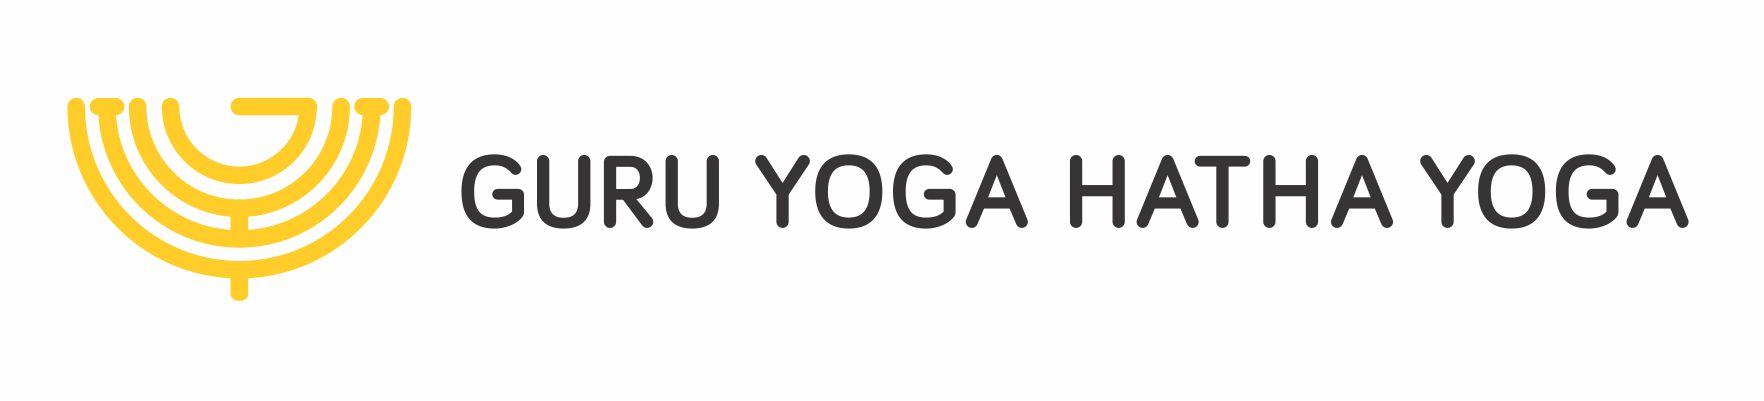 Guru Yoga Hatha Yoga